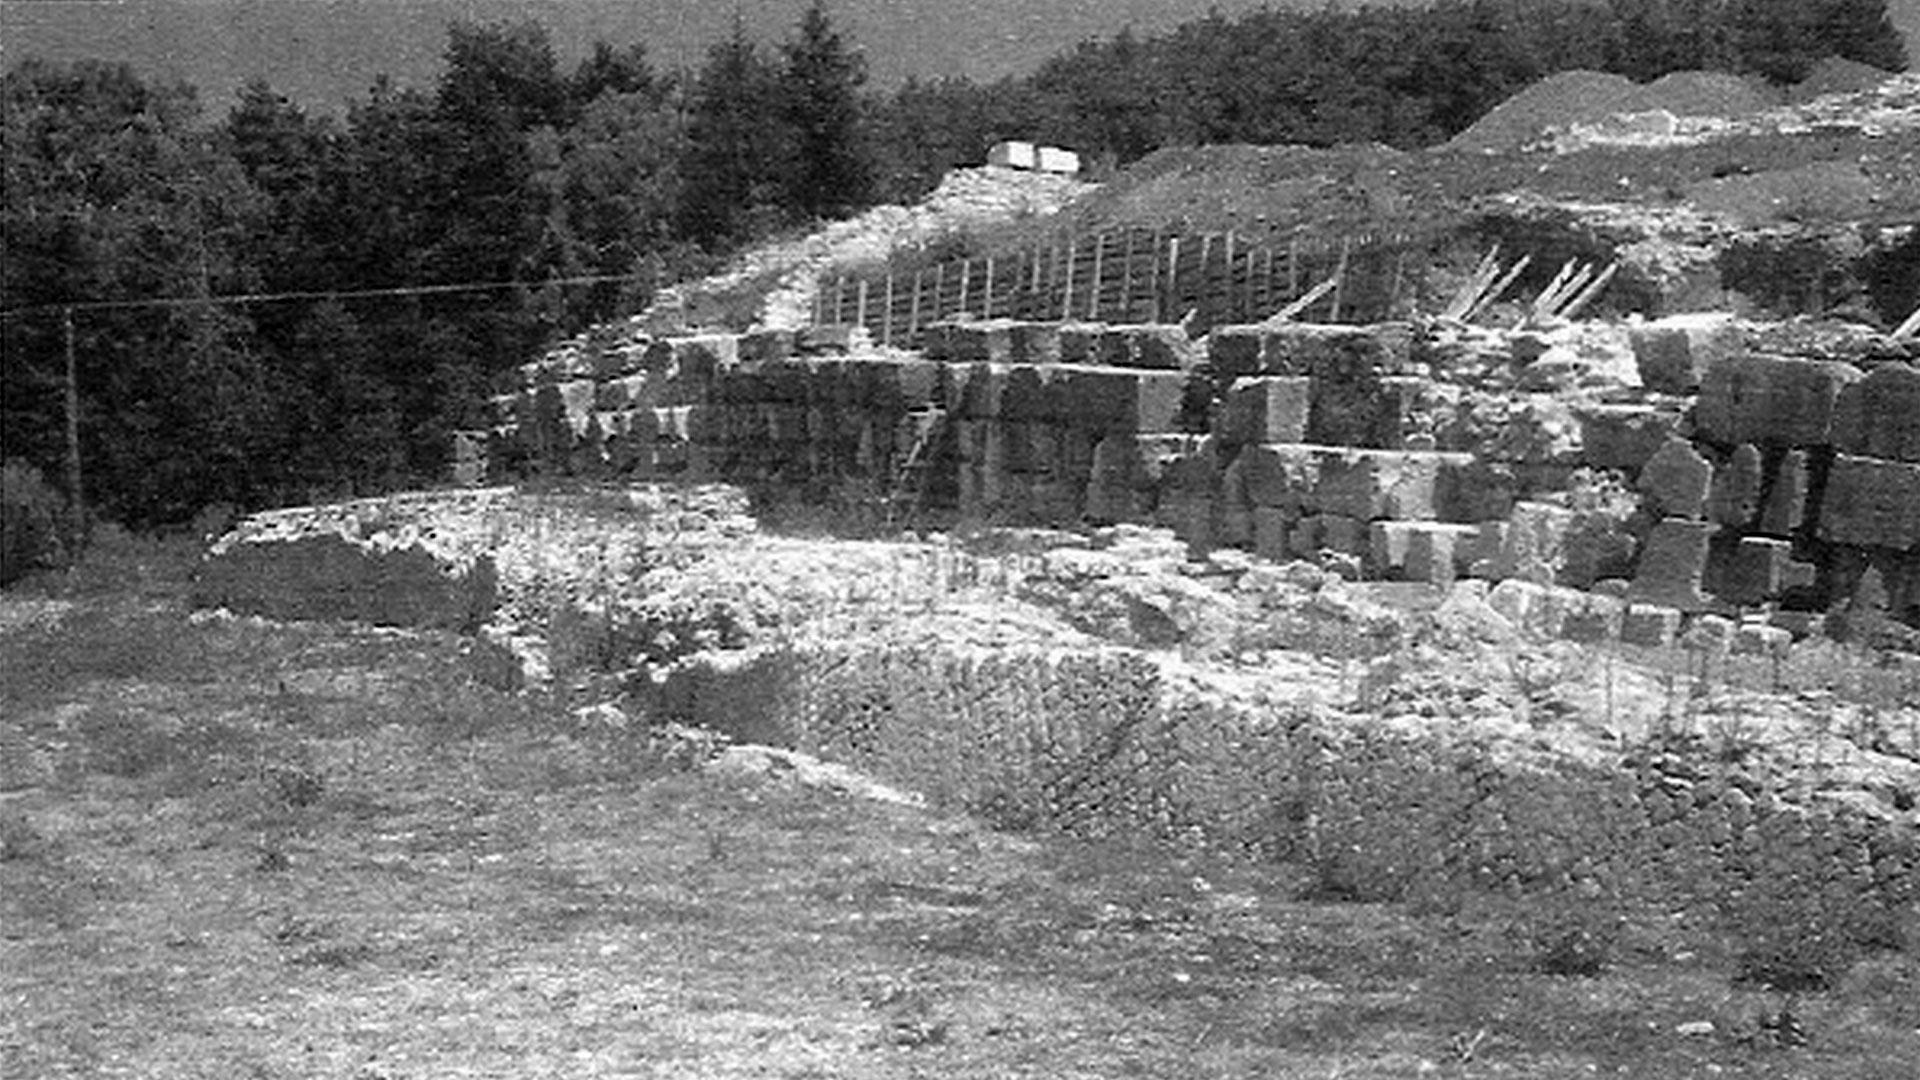 Nikon «il vincitore» e il monumento che celebra l'origine del potere di Augusto.